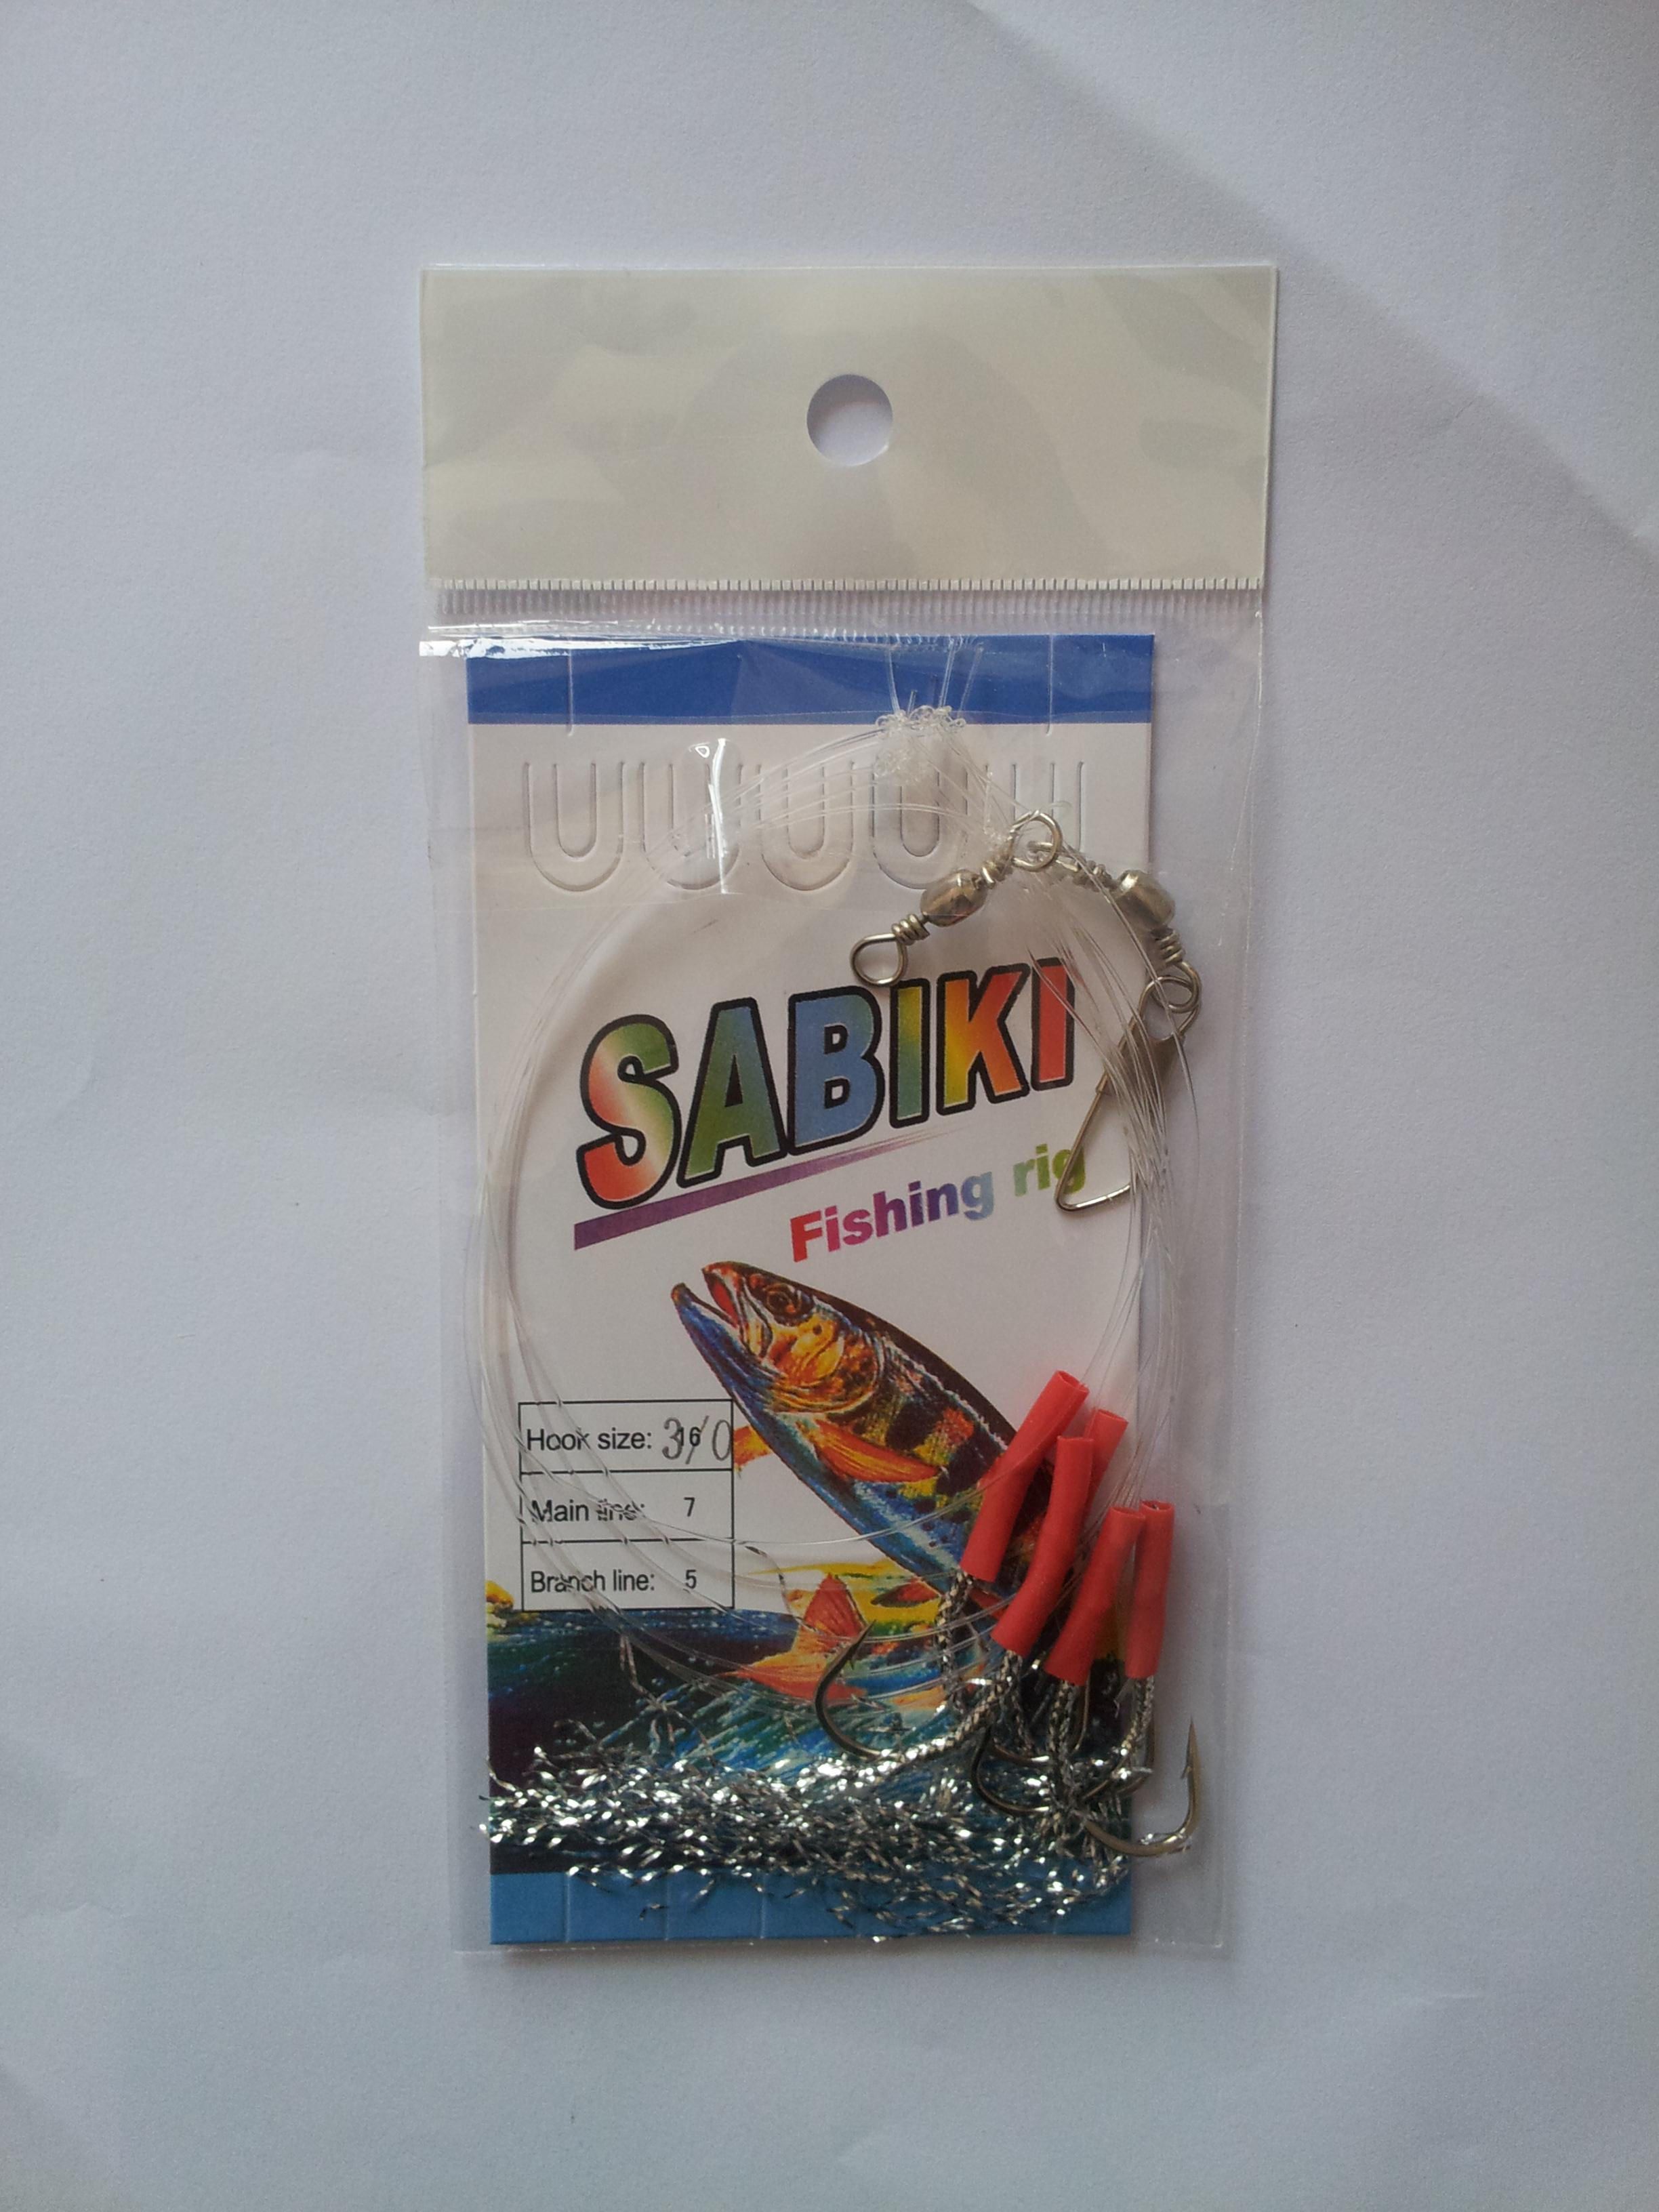 приманка троллинг рыбалка серебряная мишура мигалка линия волос буровые приманки